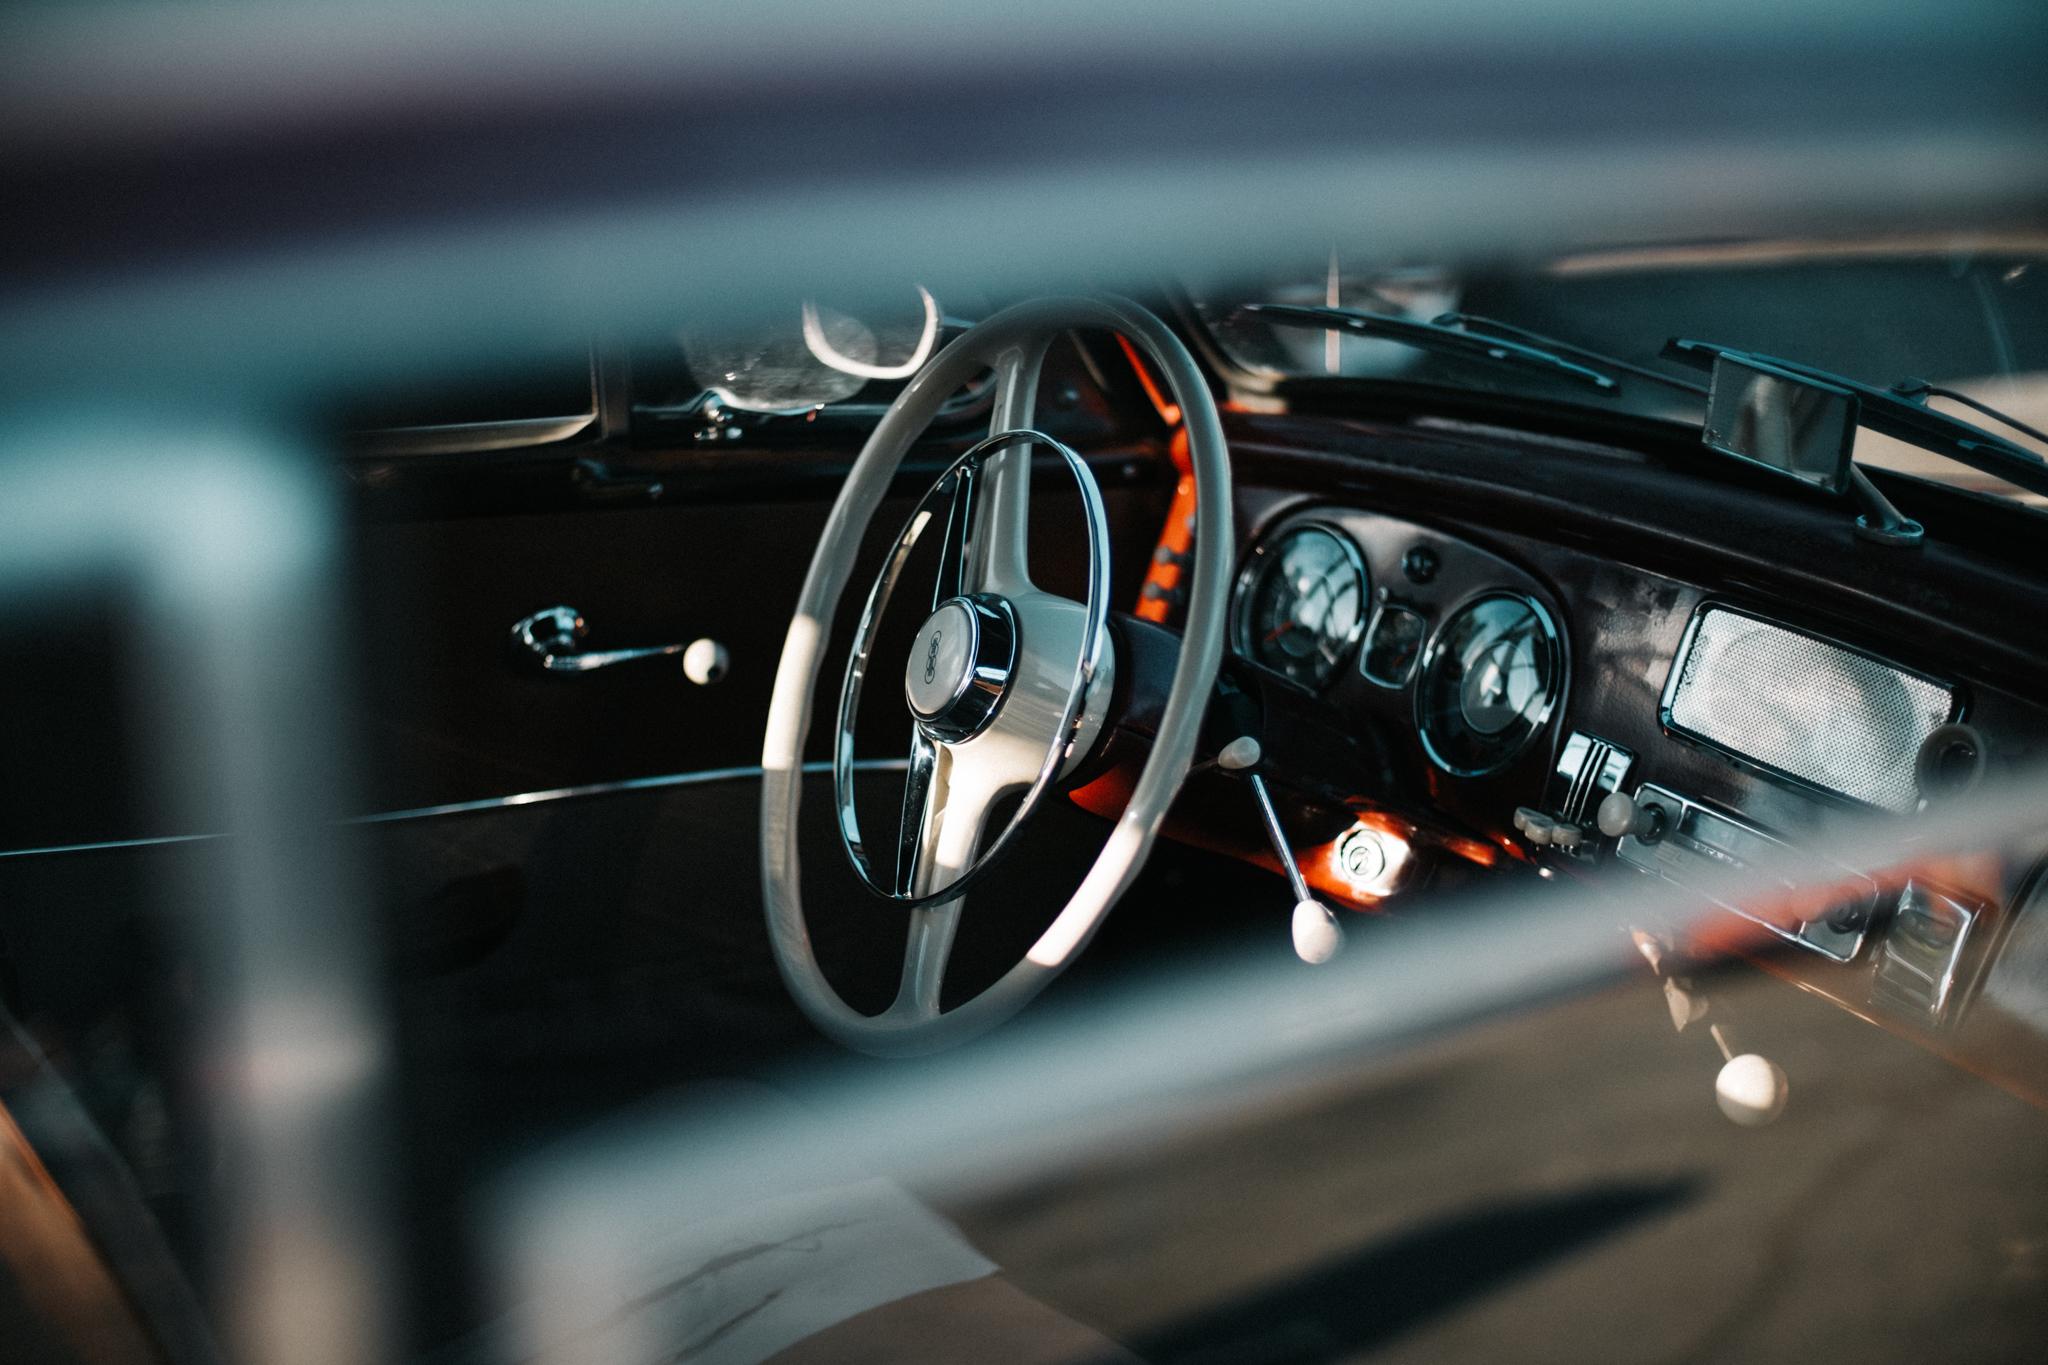 black car interior shot.jpg